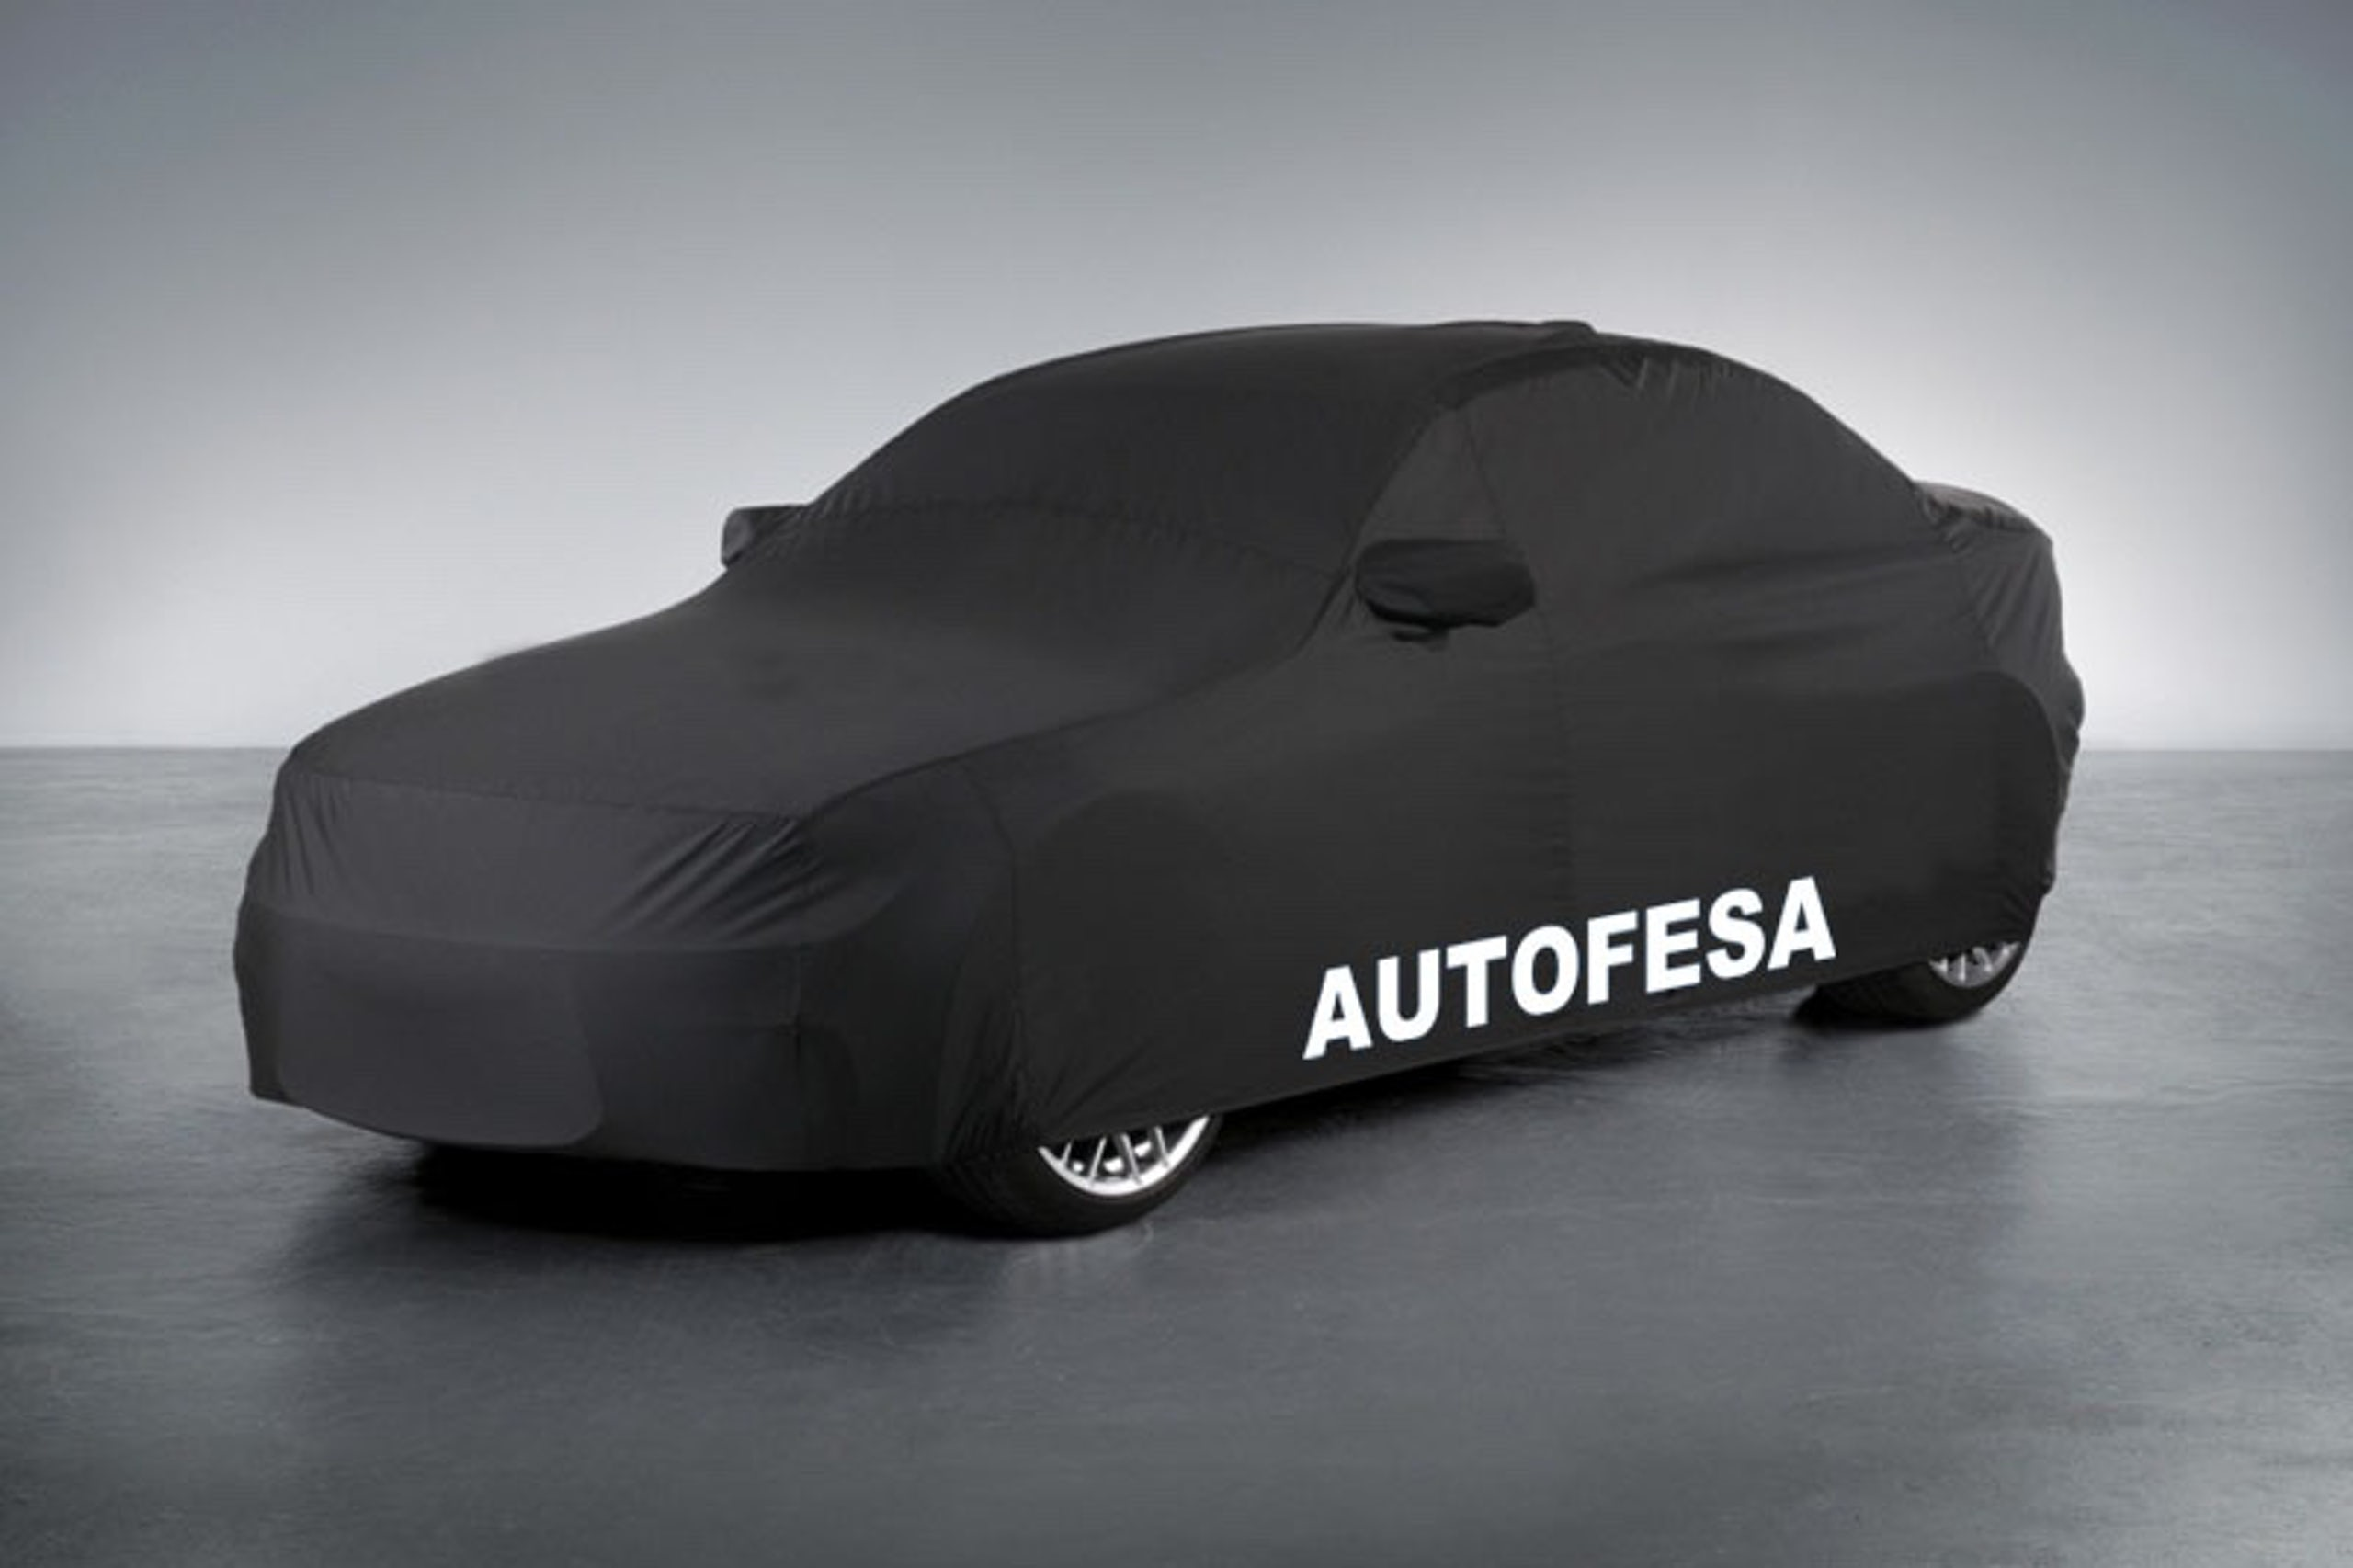 Audi A4 Avant 2.0 TDI 150cv Auto 5p S/S - Foto 3